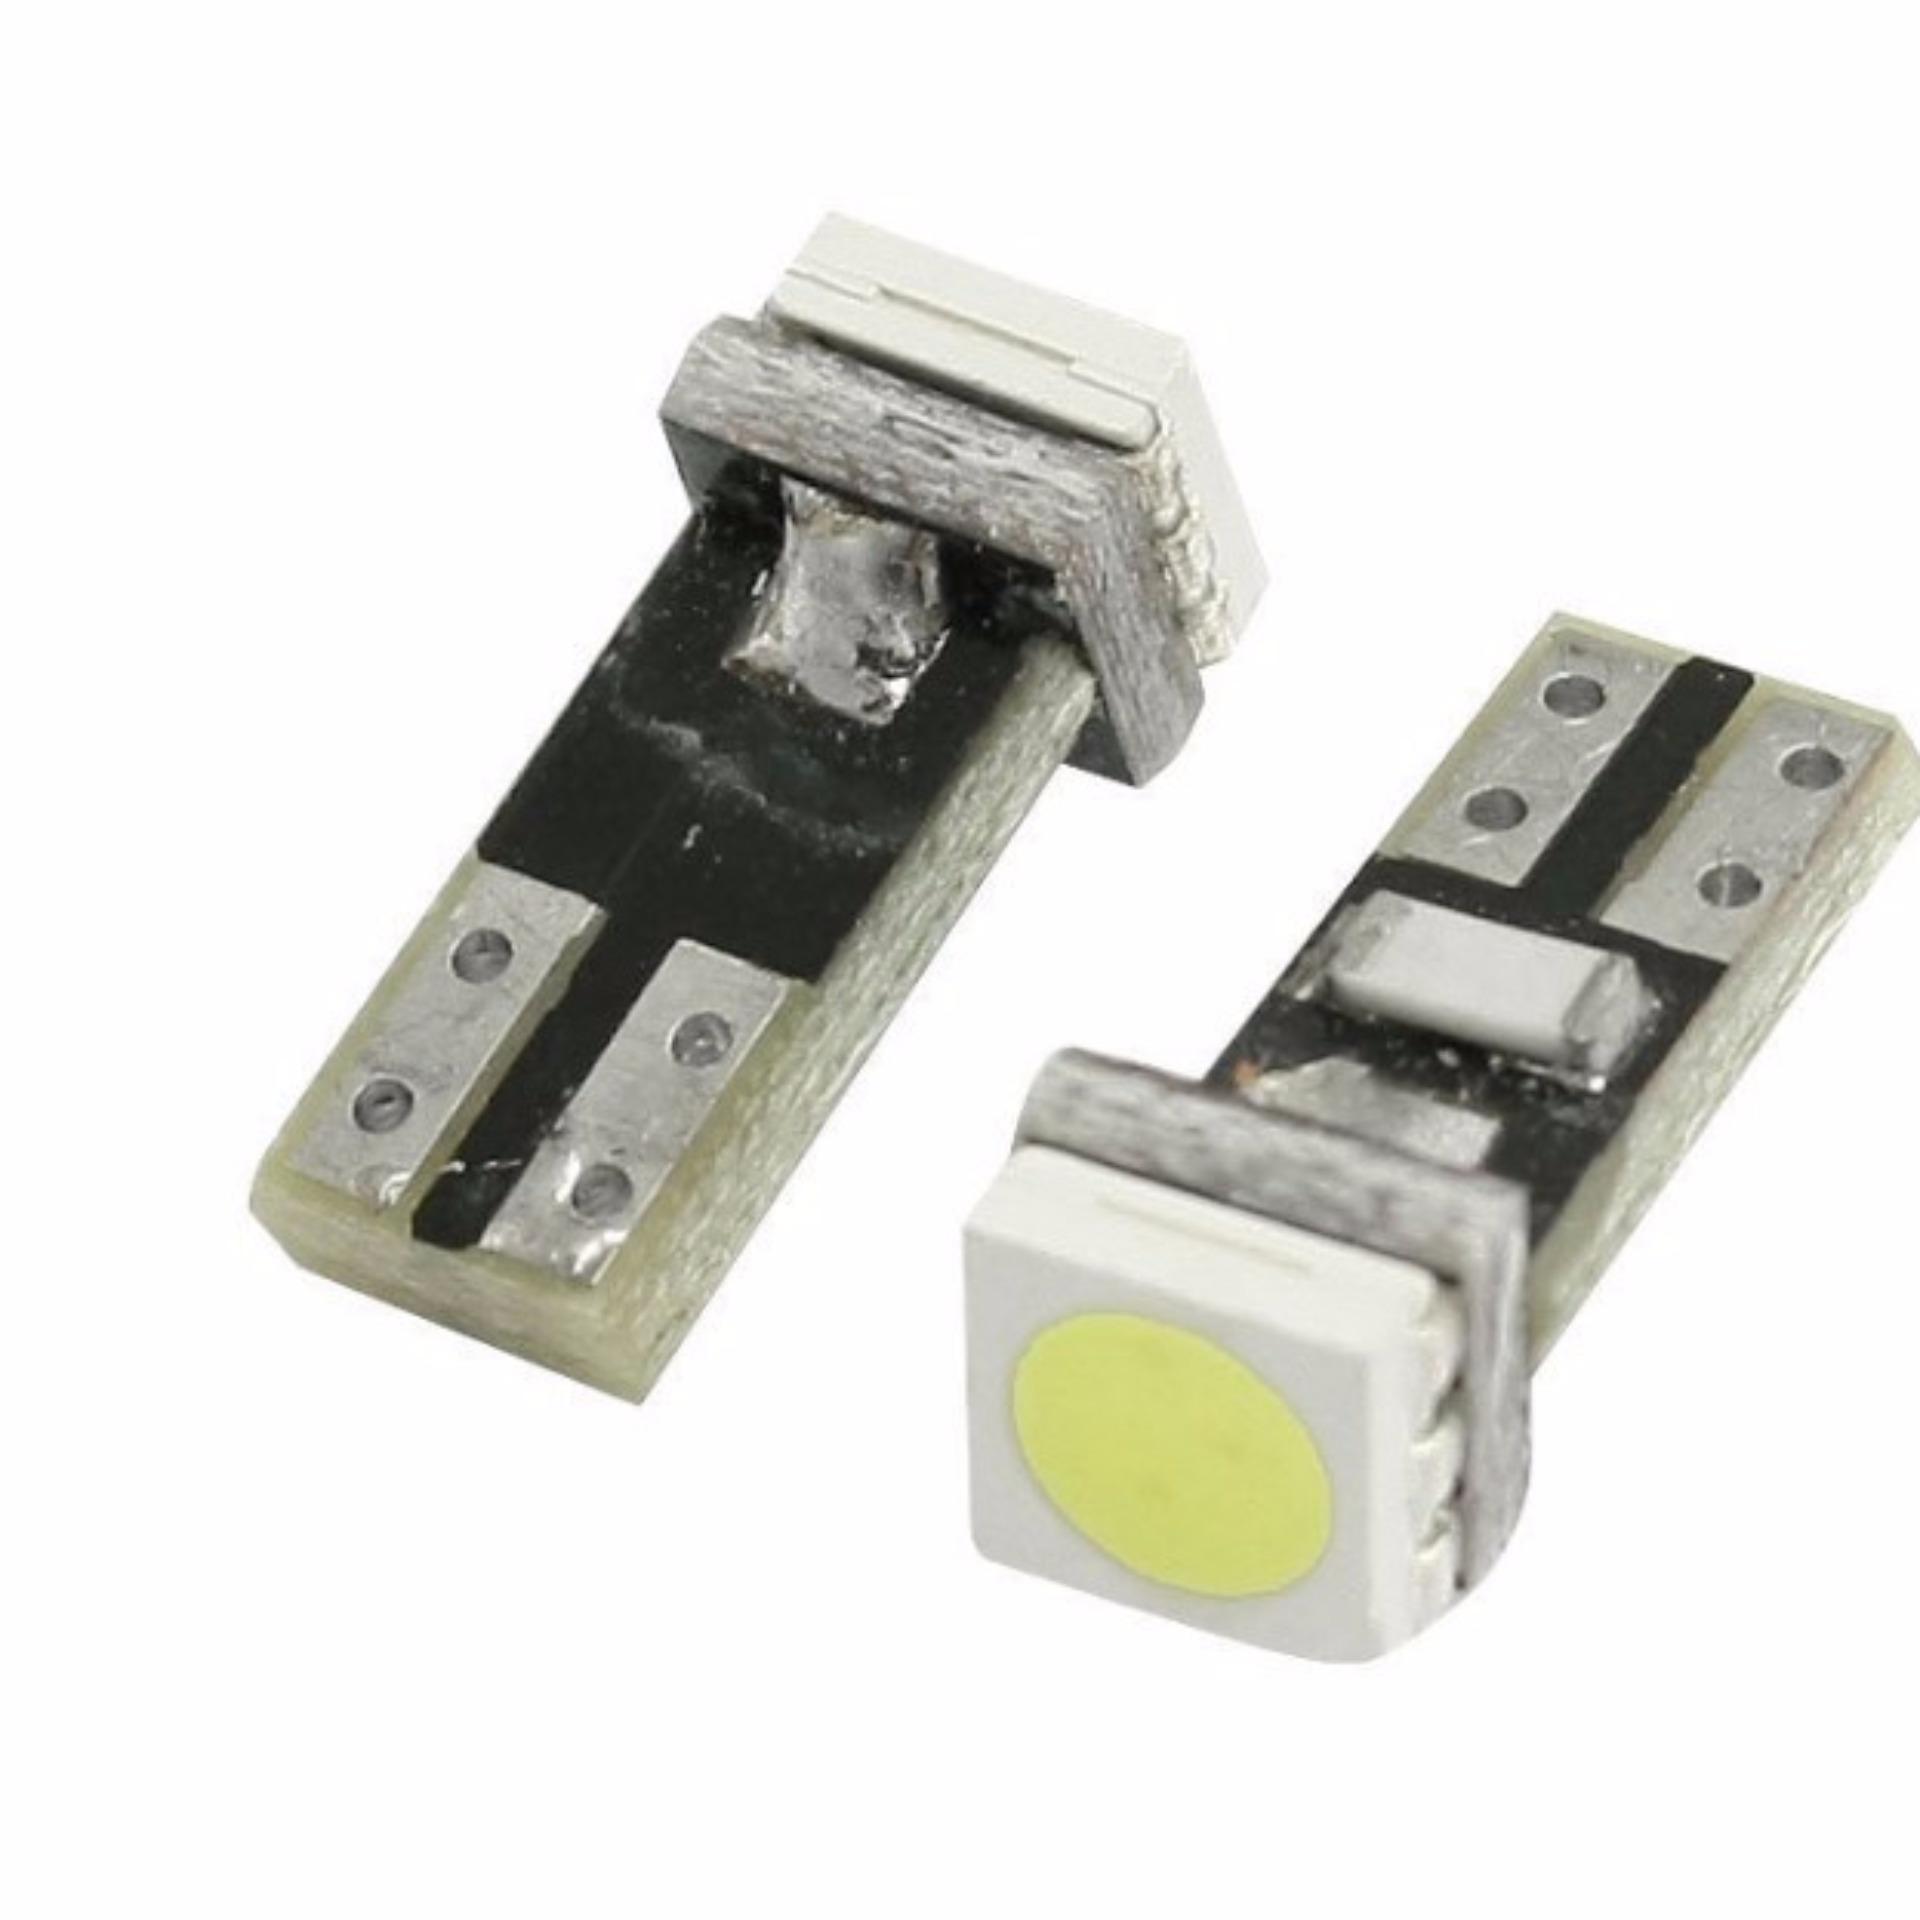 ... JMS - 1 Pair / (2 Pcs) Lampu LED Mobil / Motor / Speedometer ...